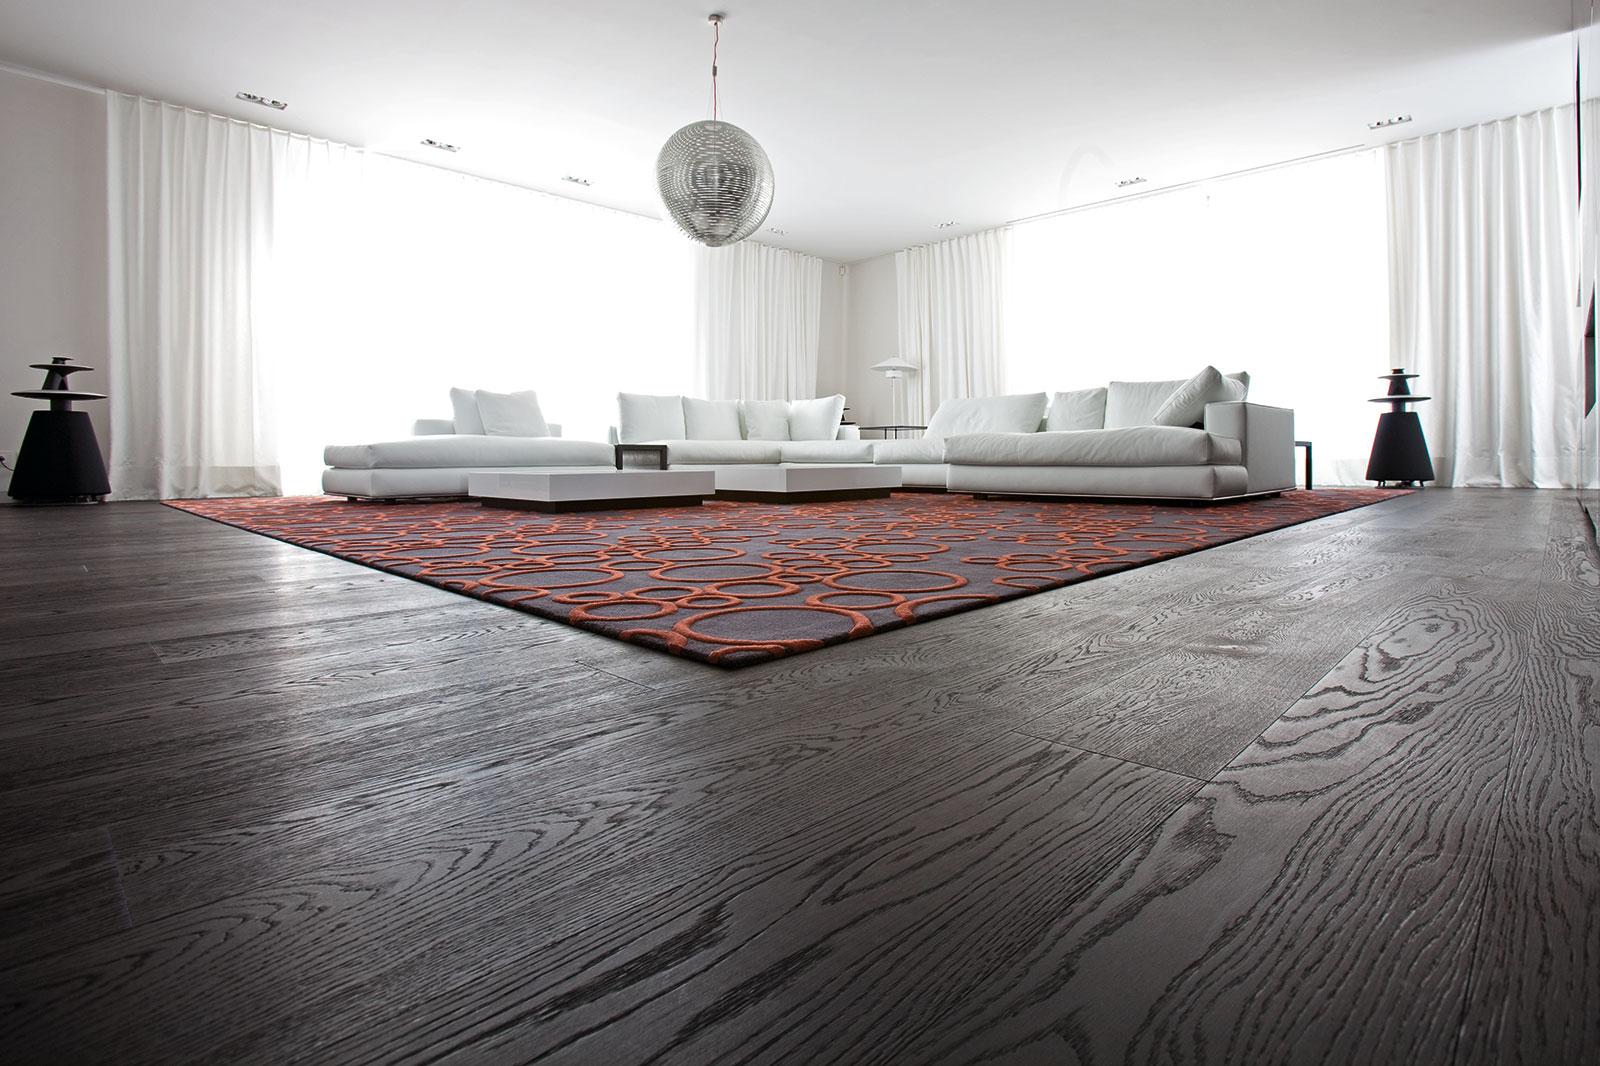 parkett teppiche vinylb den parkett schleifen barmet bodenbel ge. Black Bedroom Furniture Sets. Home Design Ideas